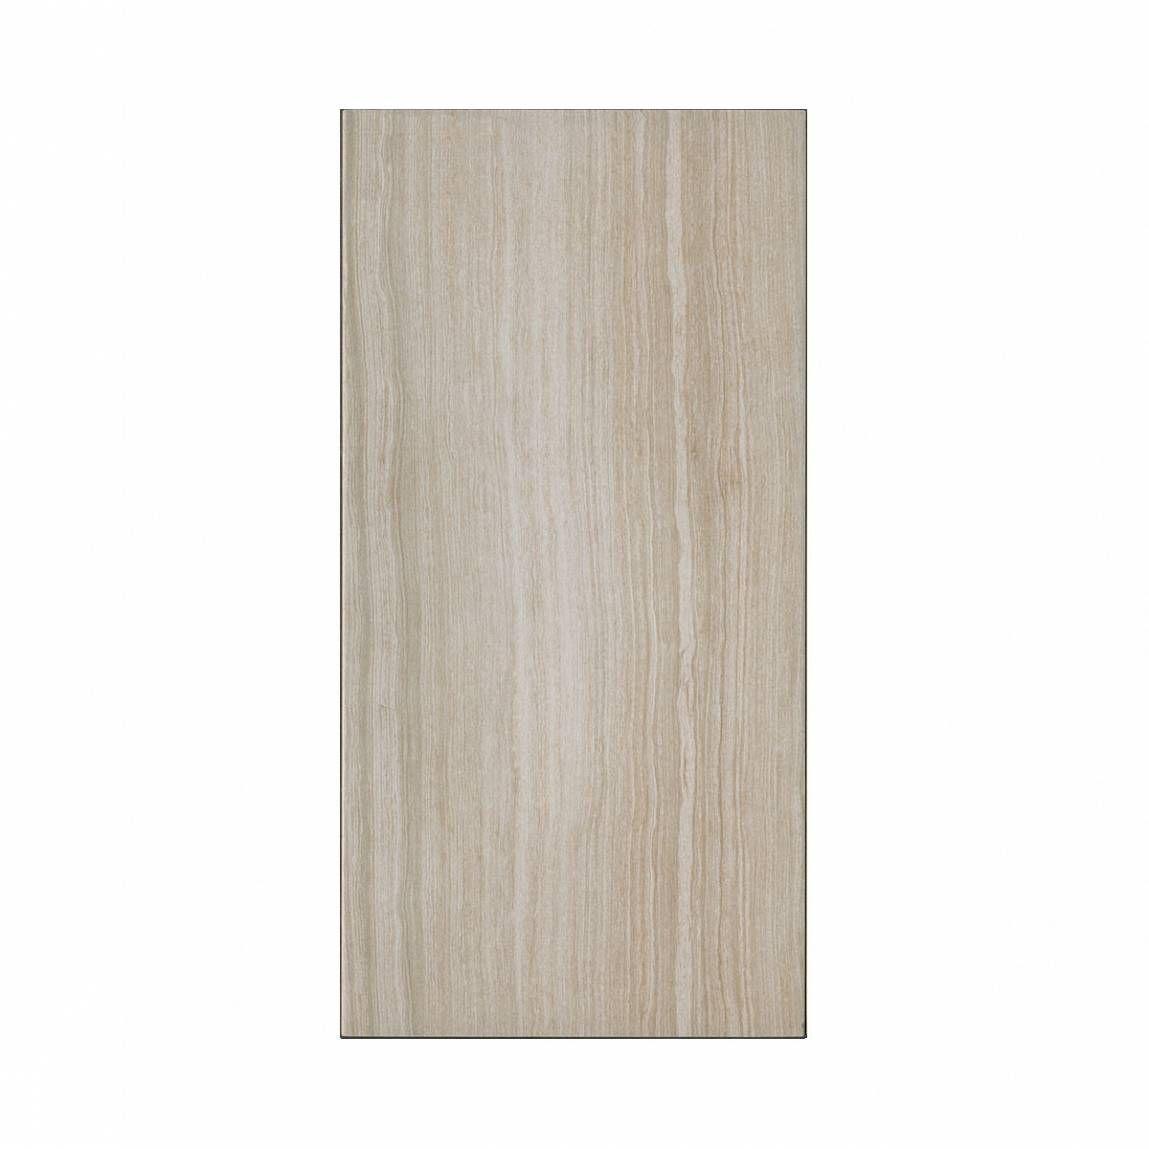 Zena Bone Glazed Porcelain Floor & Wall Tile 30cm x 60cm ...